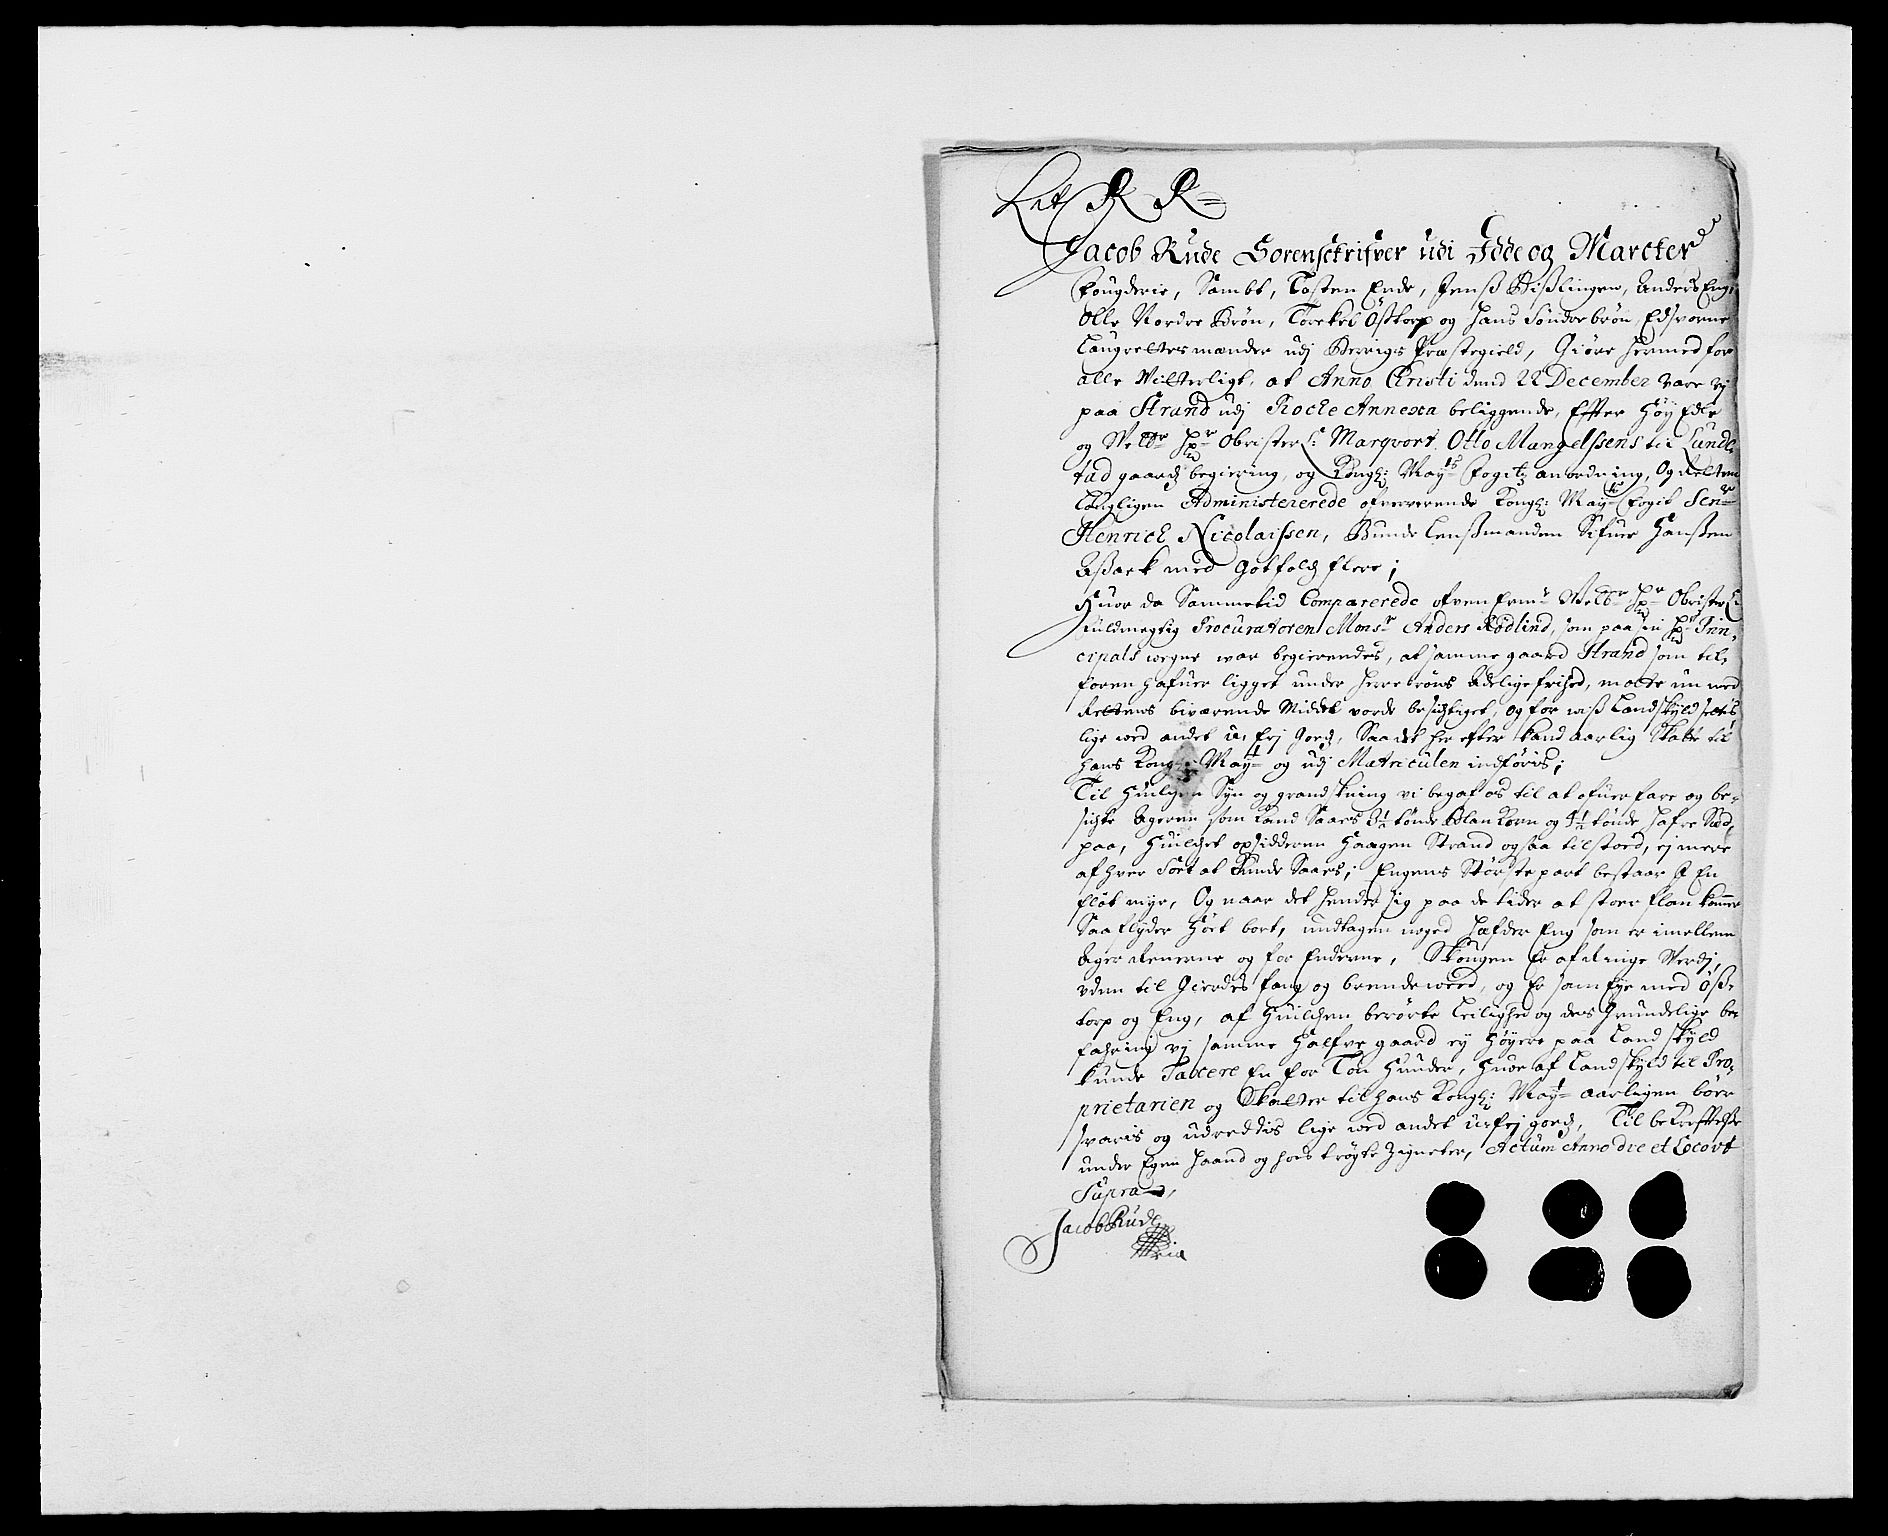 RA, Rentekammeret inntil 1814, Reviderte regnskaper, Fogderegnskap, R01/L0010: Fogderegnskap Idd og Marker, 1690-1691, s. 425